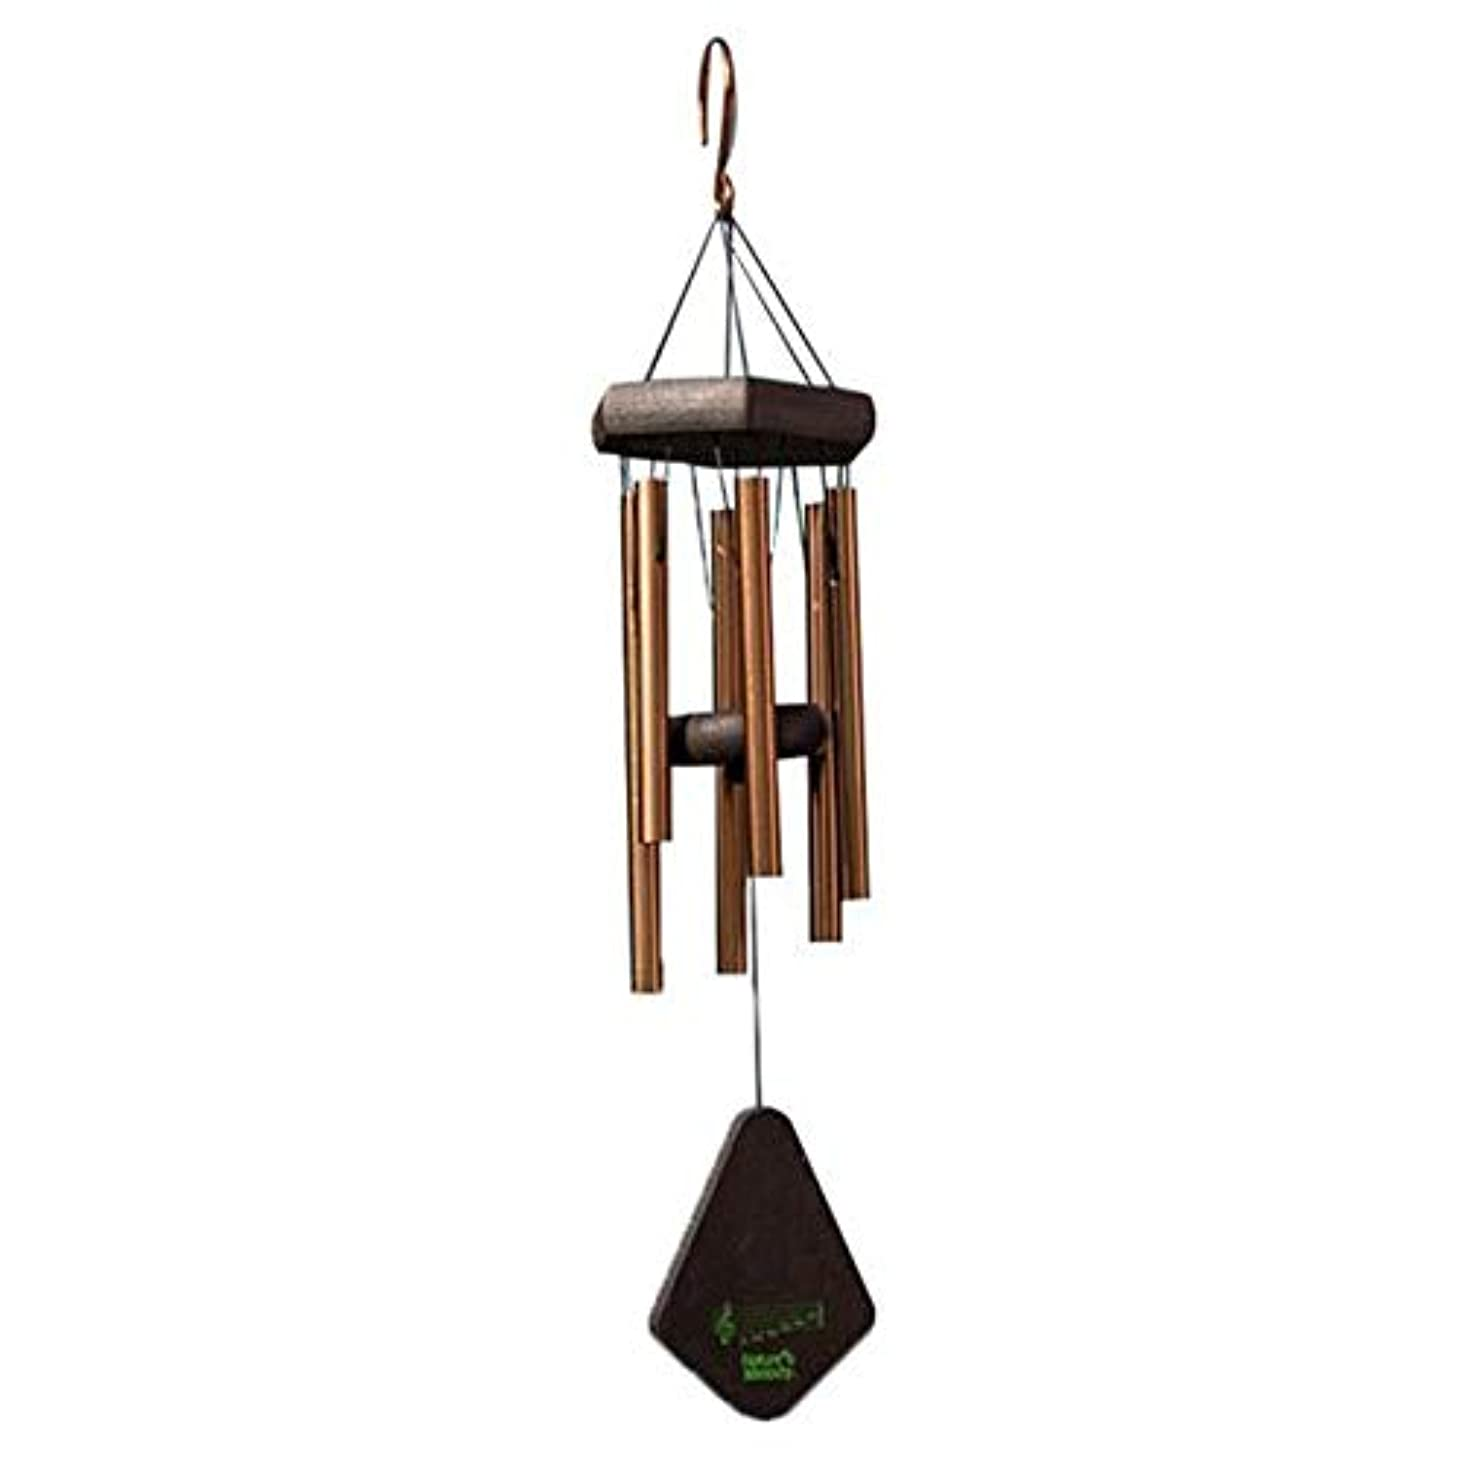 ブランド名文芸満足できるGaoxingbianlidian001 風チャイム、メタル6チューブ風の鐘、ブラック、全身について52CM,楽しいホリデーギフト (Color : Gold)